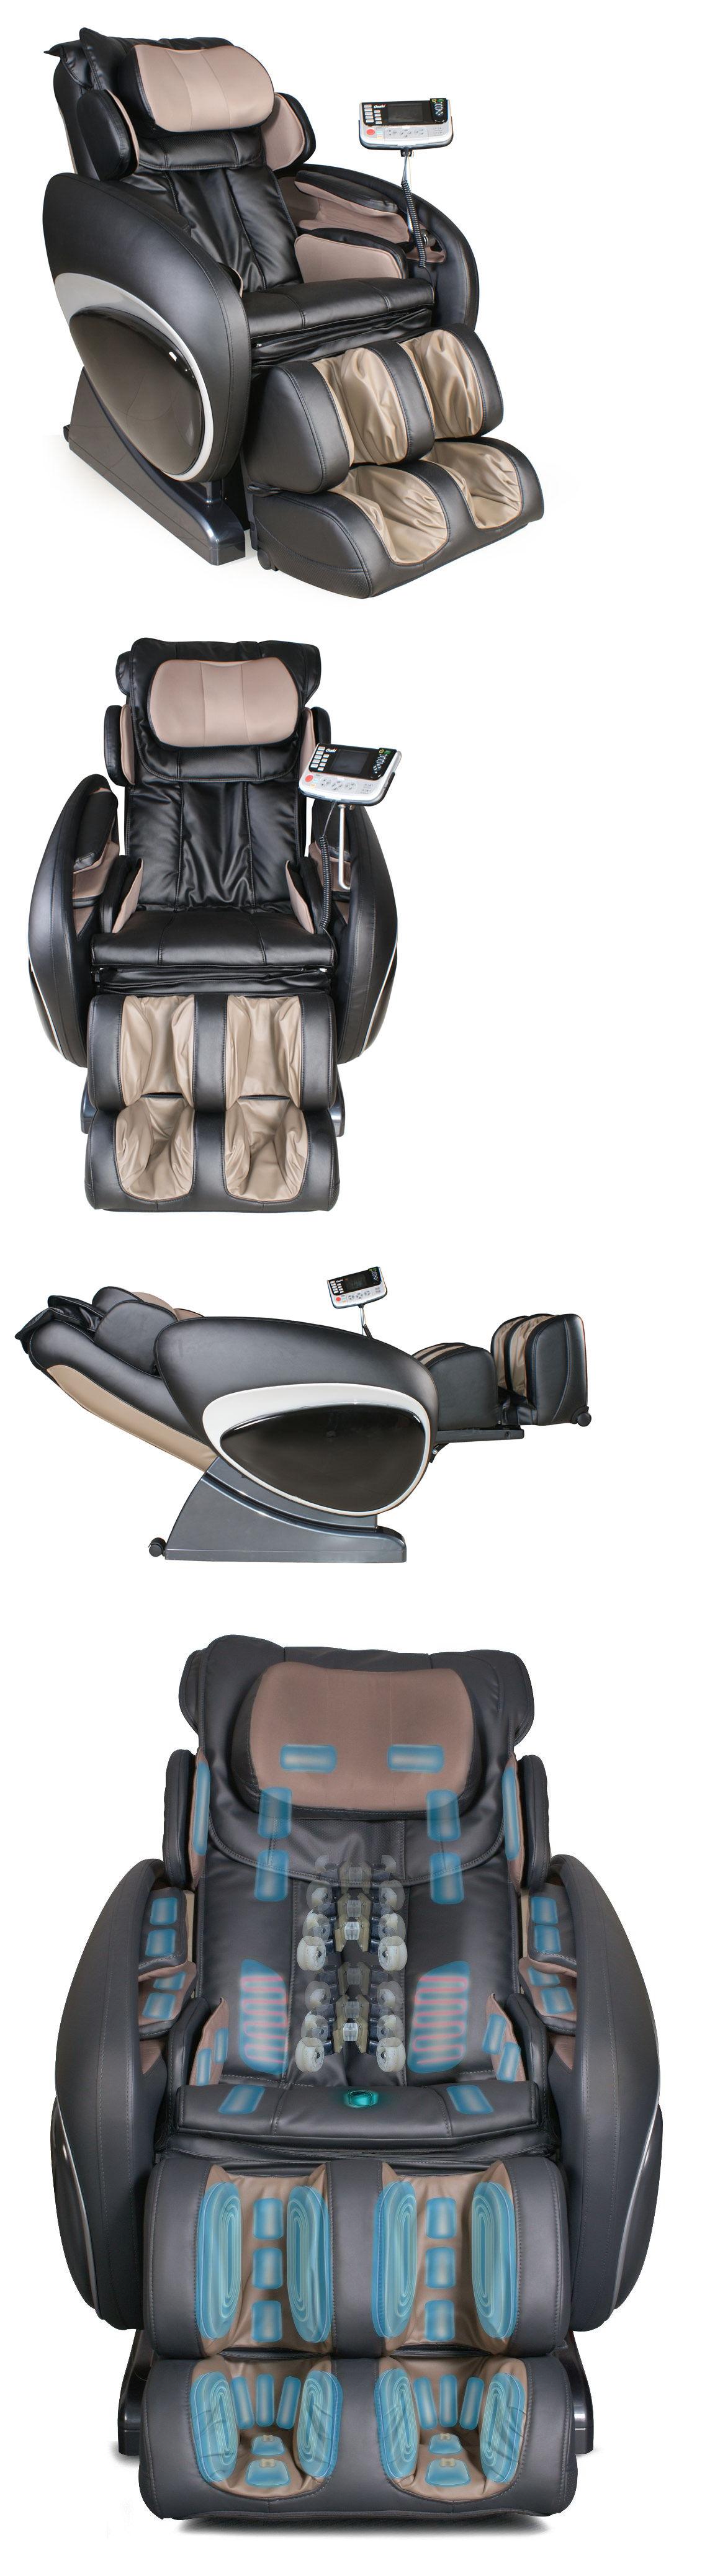 Electric Massage Chairs Black Osaki Os 4000 Zero Gravity Massage